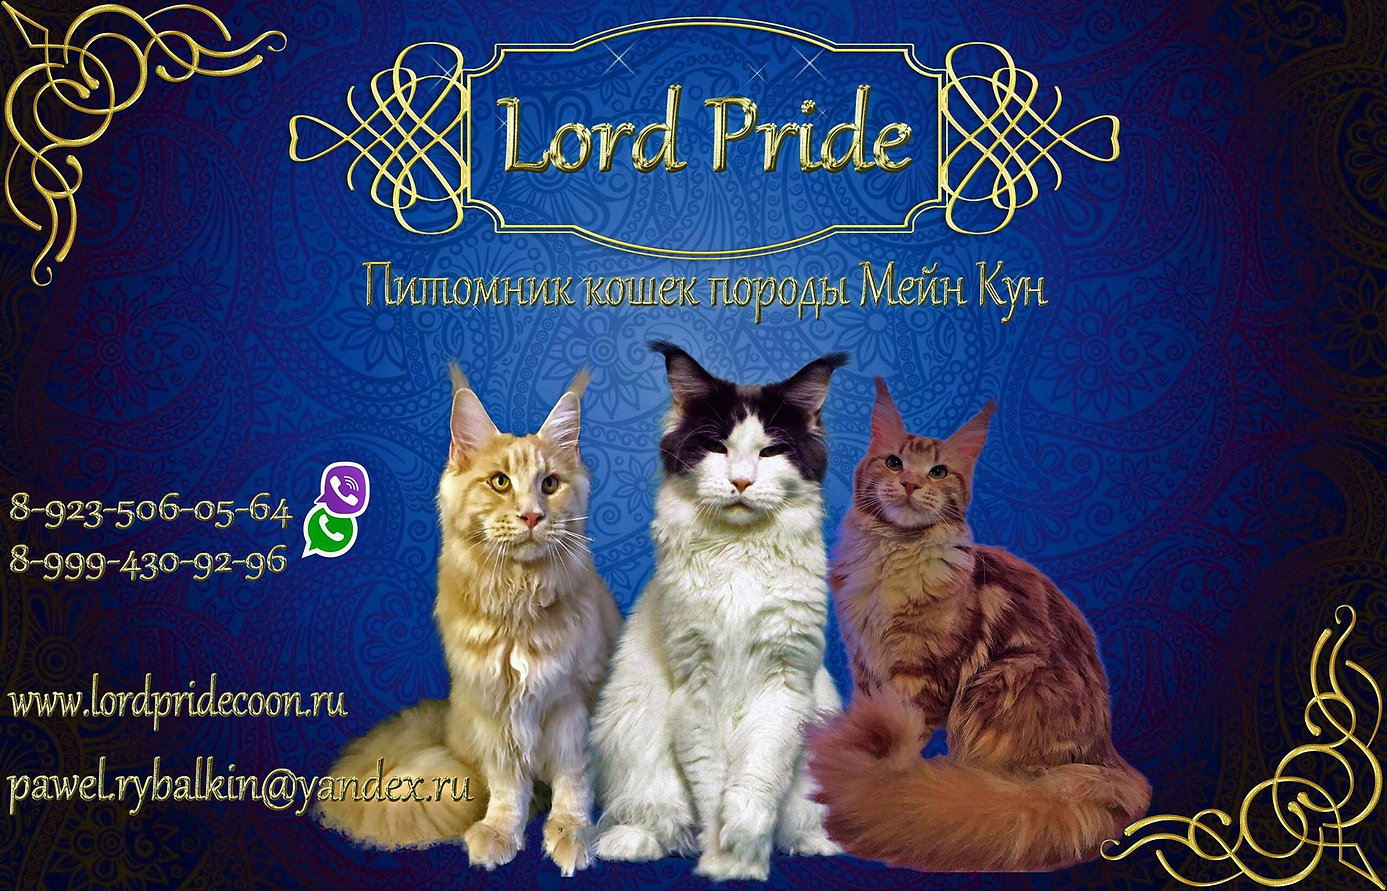 Питомник кошек породы Мейн-кун. Lord Pride.Лорд Прайд.Кошки. купить котенка. Мейн кун.